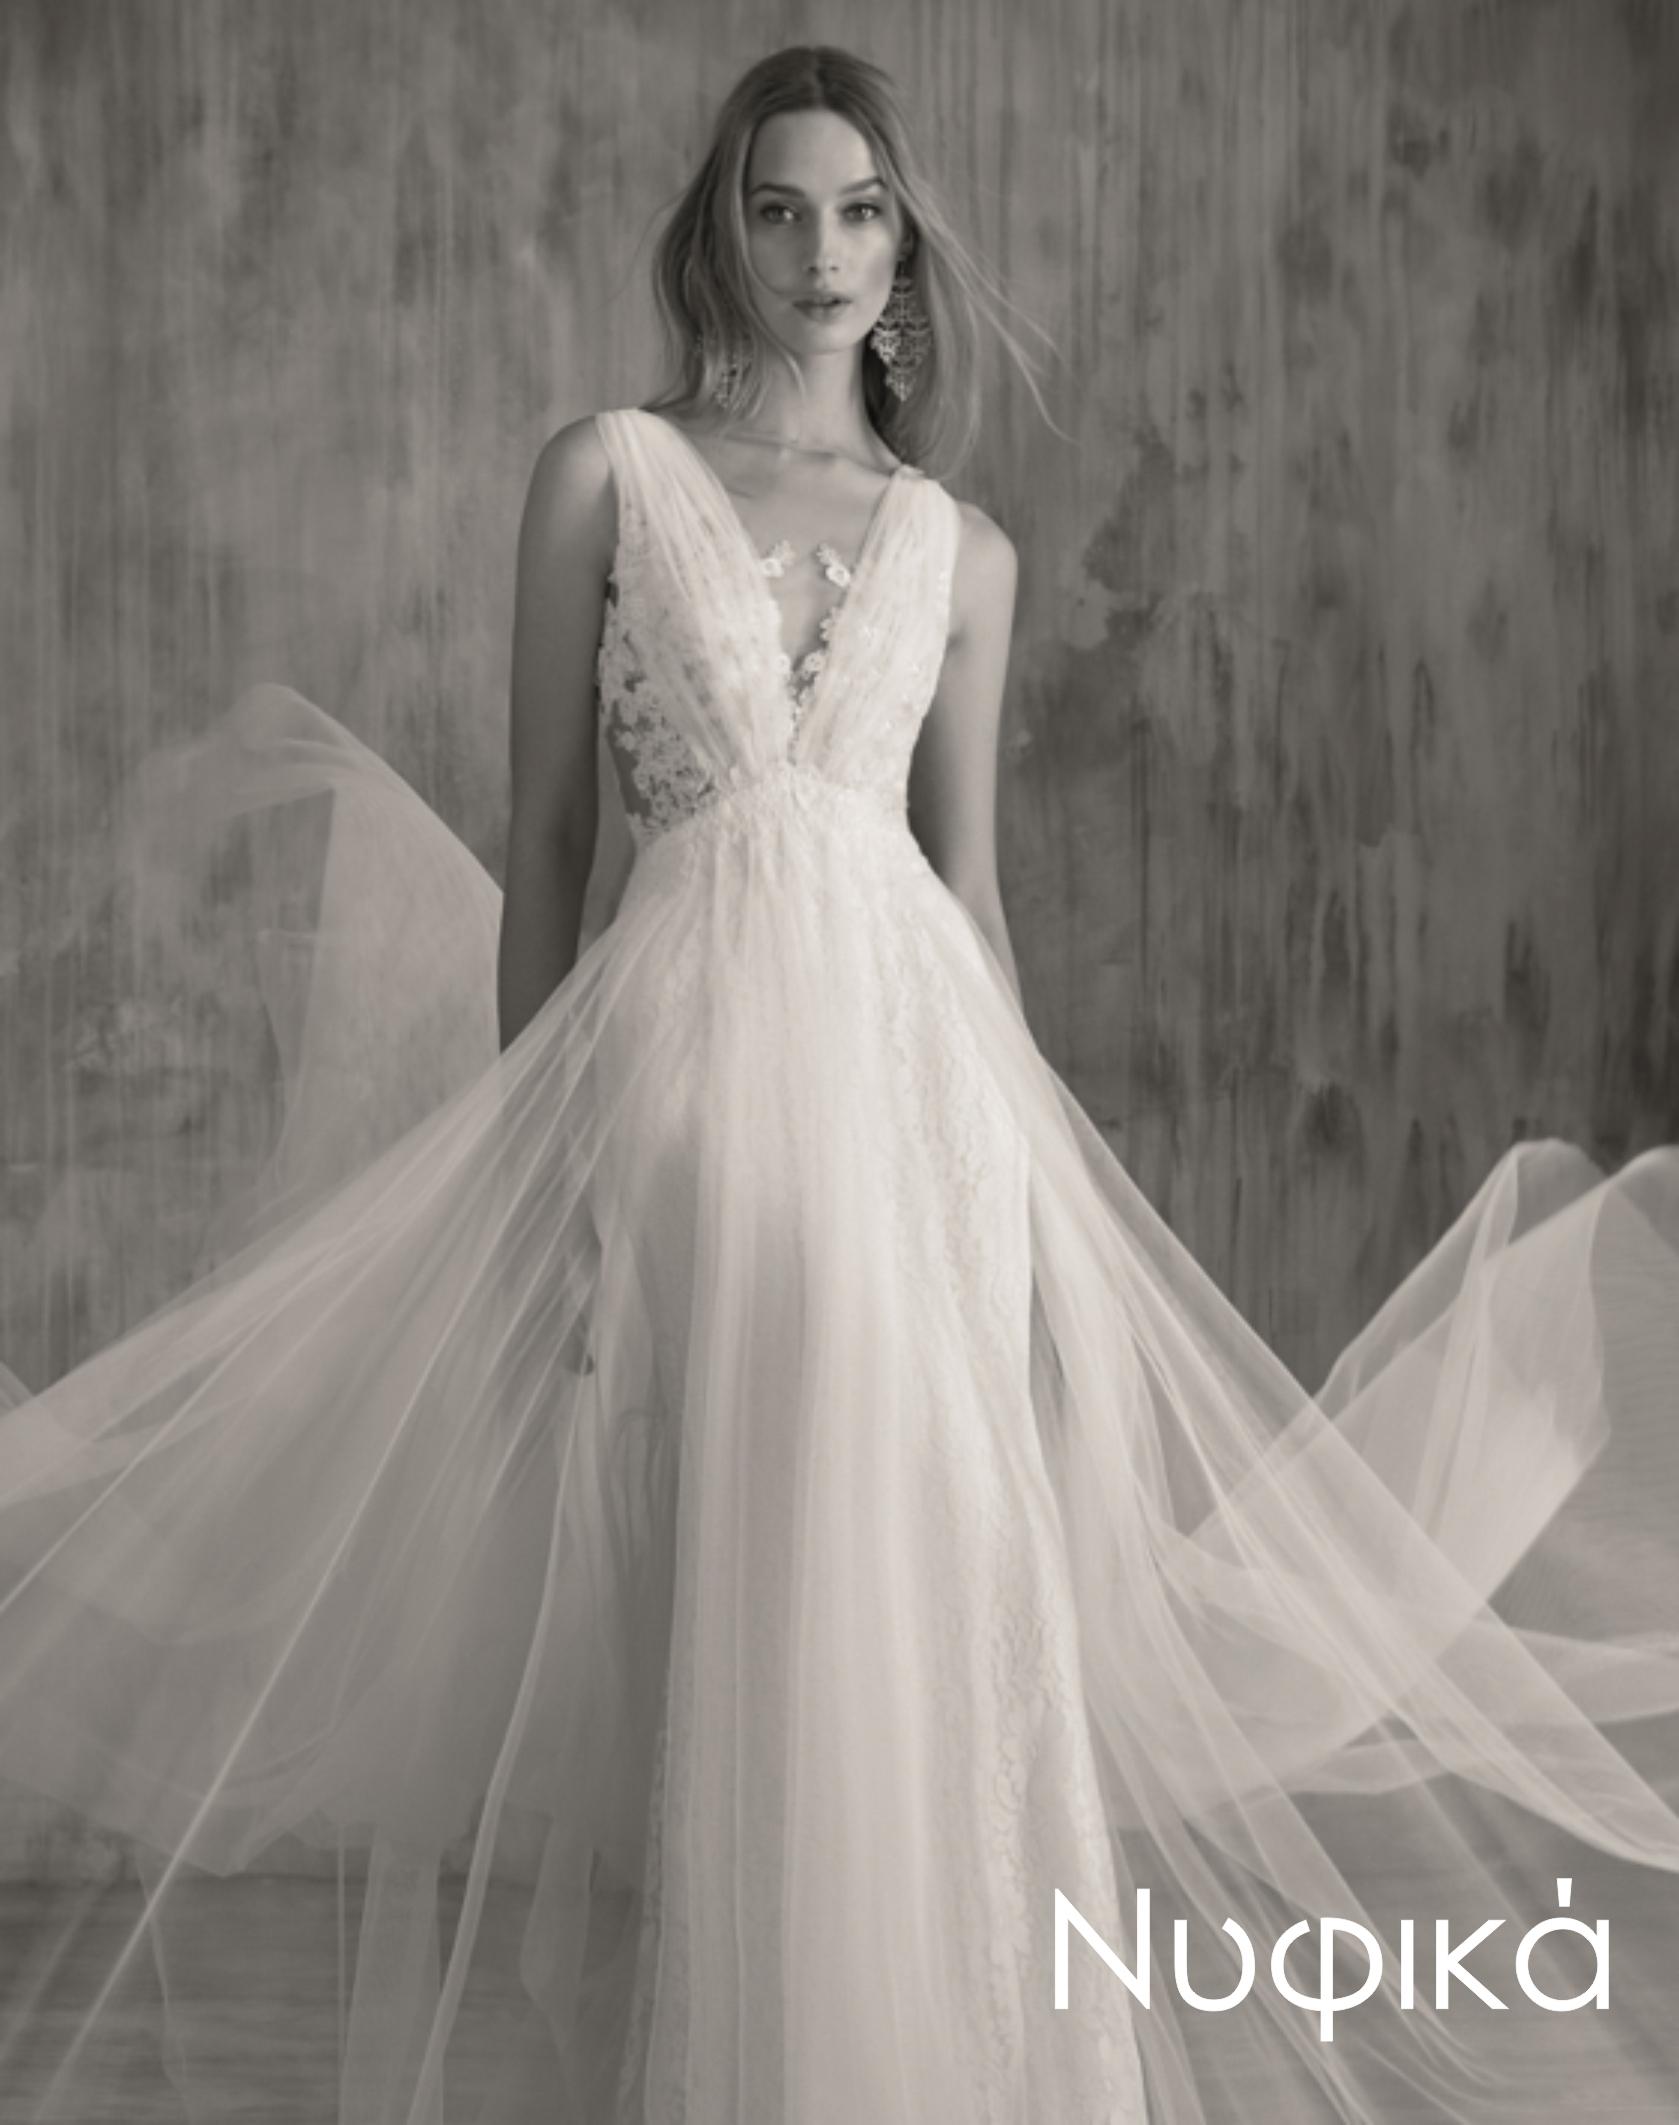 a808d0a6ddd Νυφικά, Μπομπονιέρες, Γάμος, Βάπτιση - Θεσσαλονίκη | White Angels